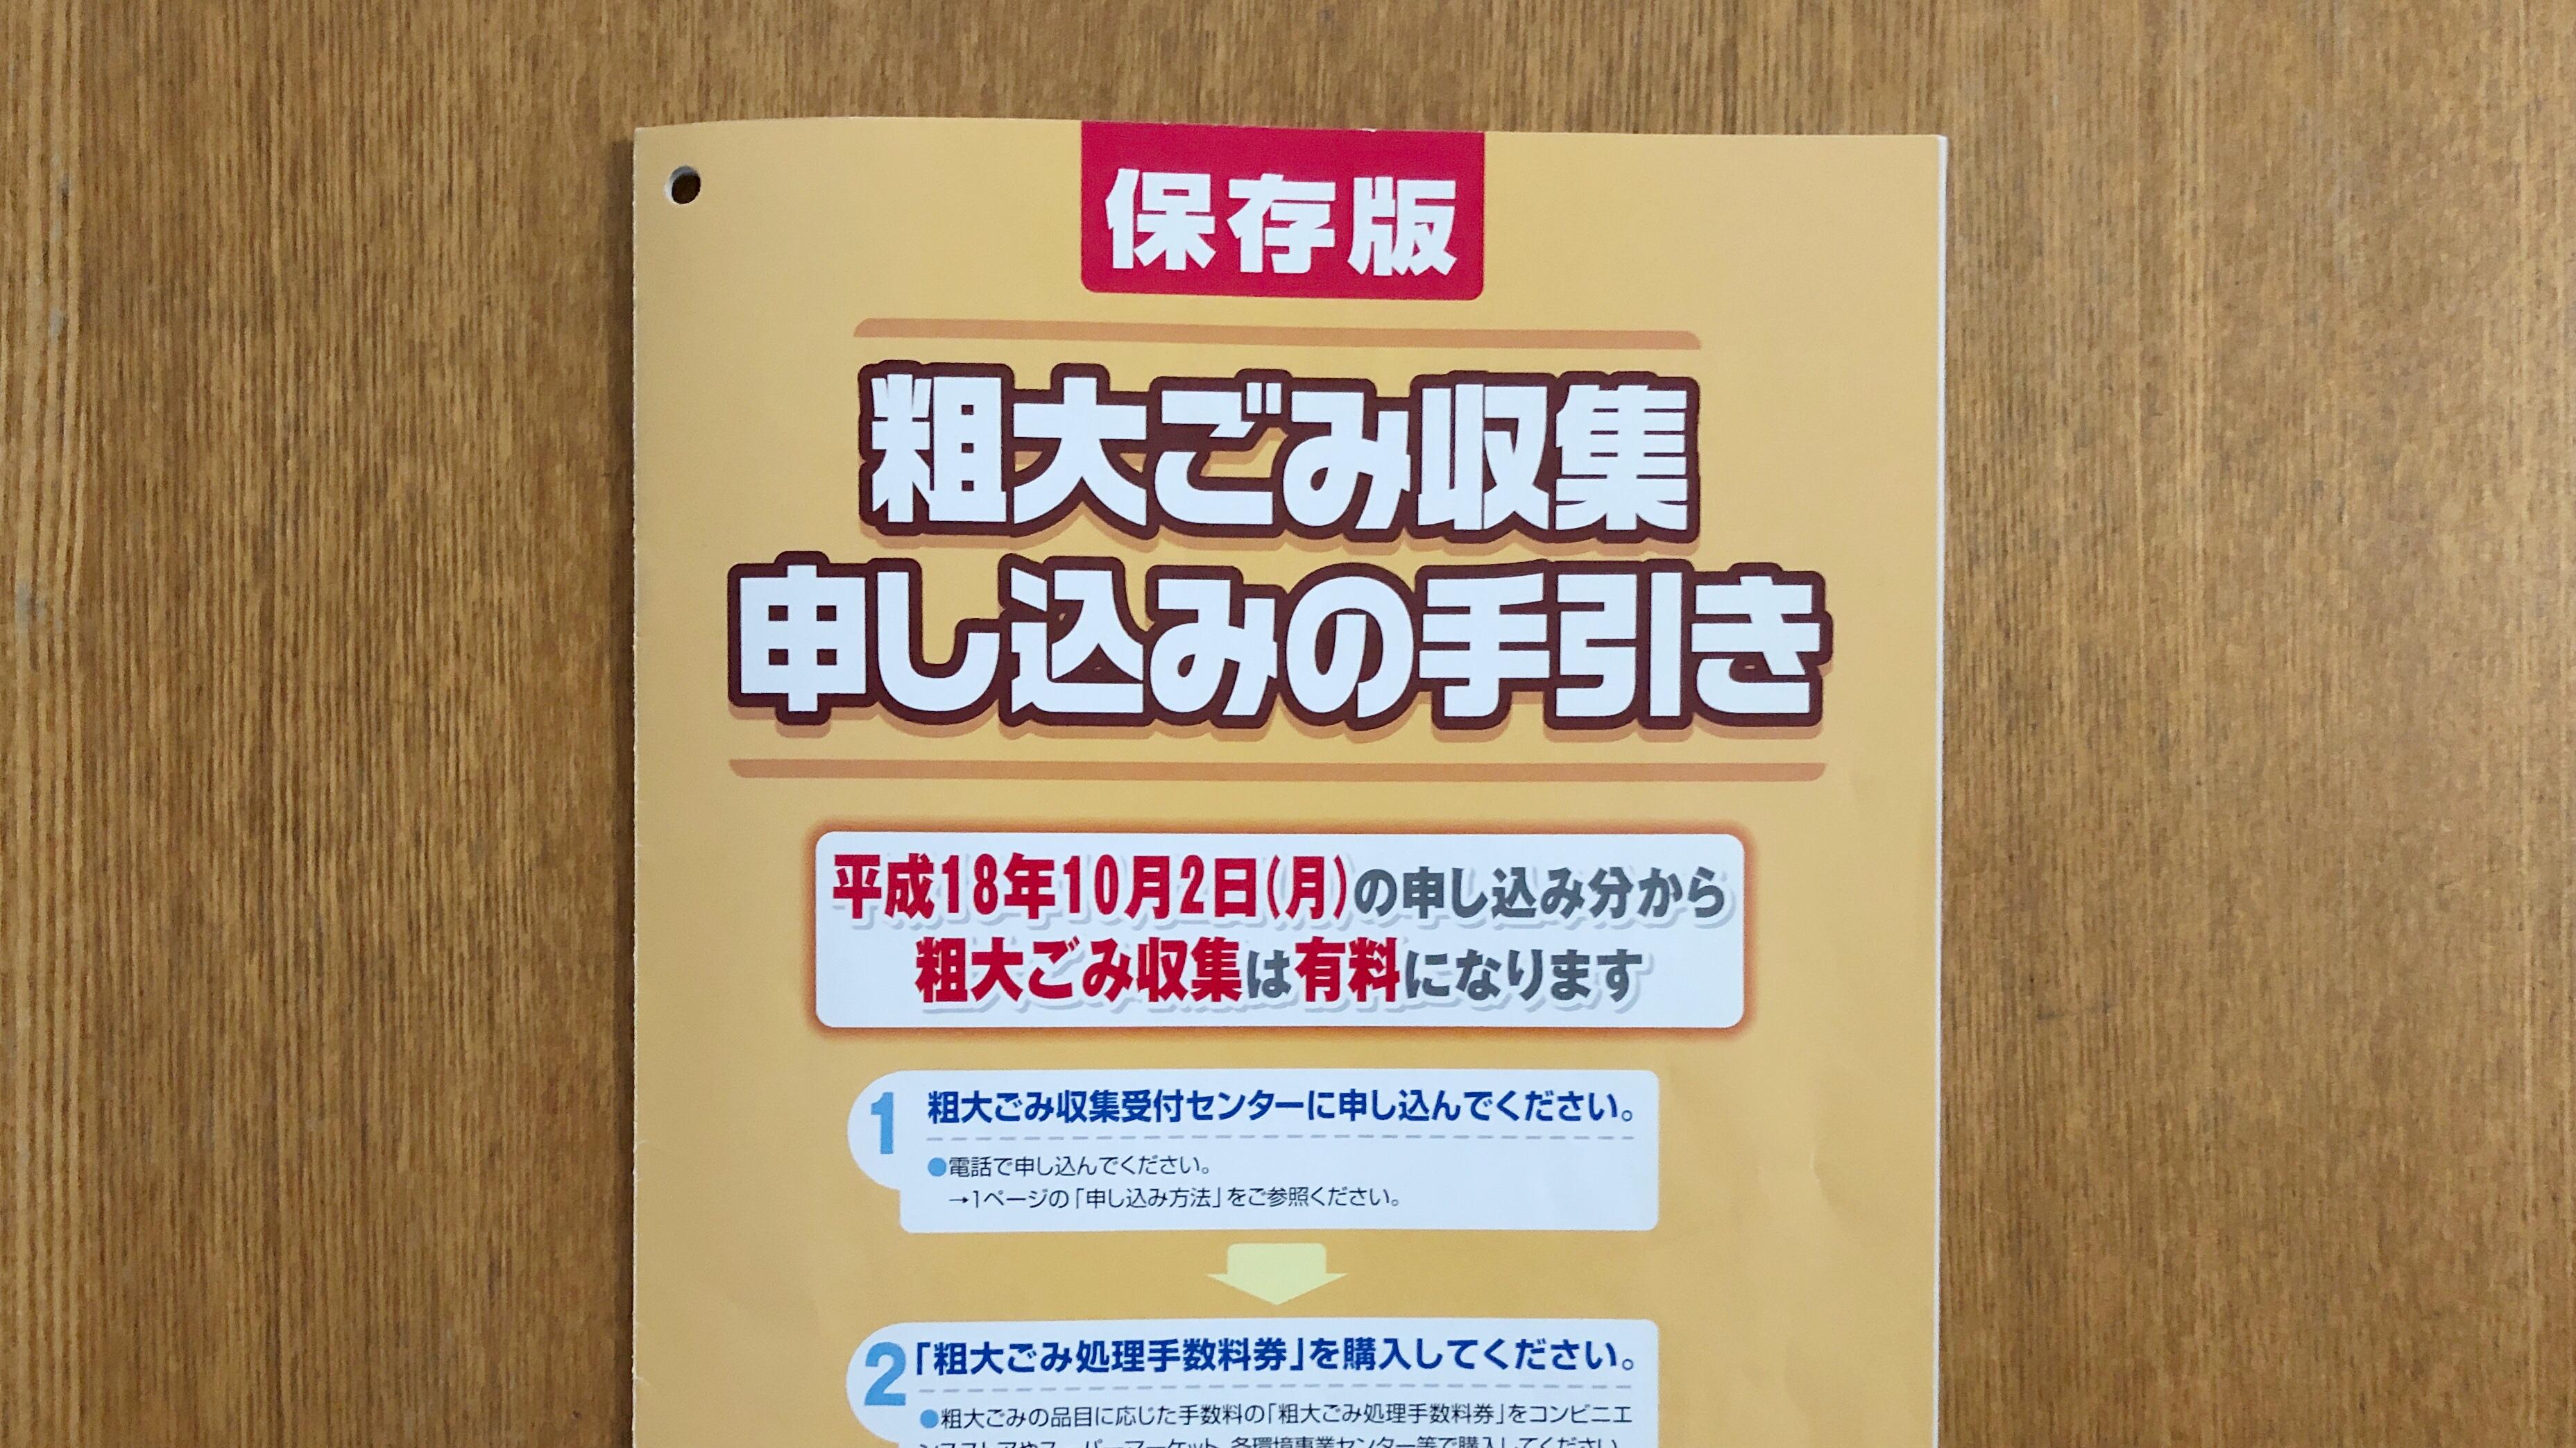 大阪 市 粗大 ゴミ ネット